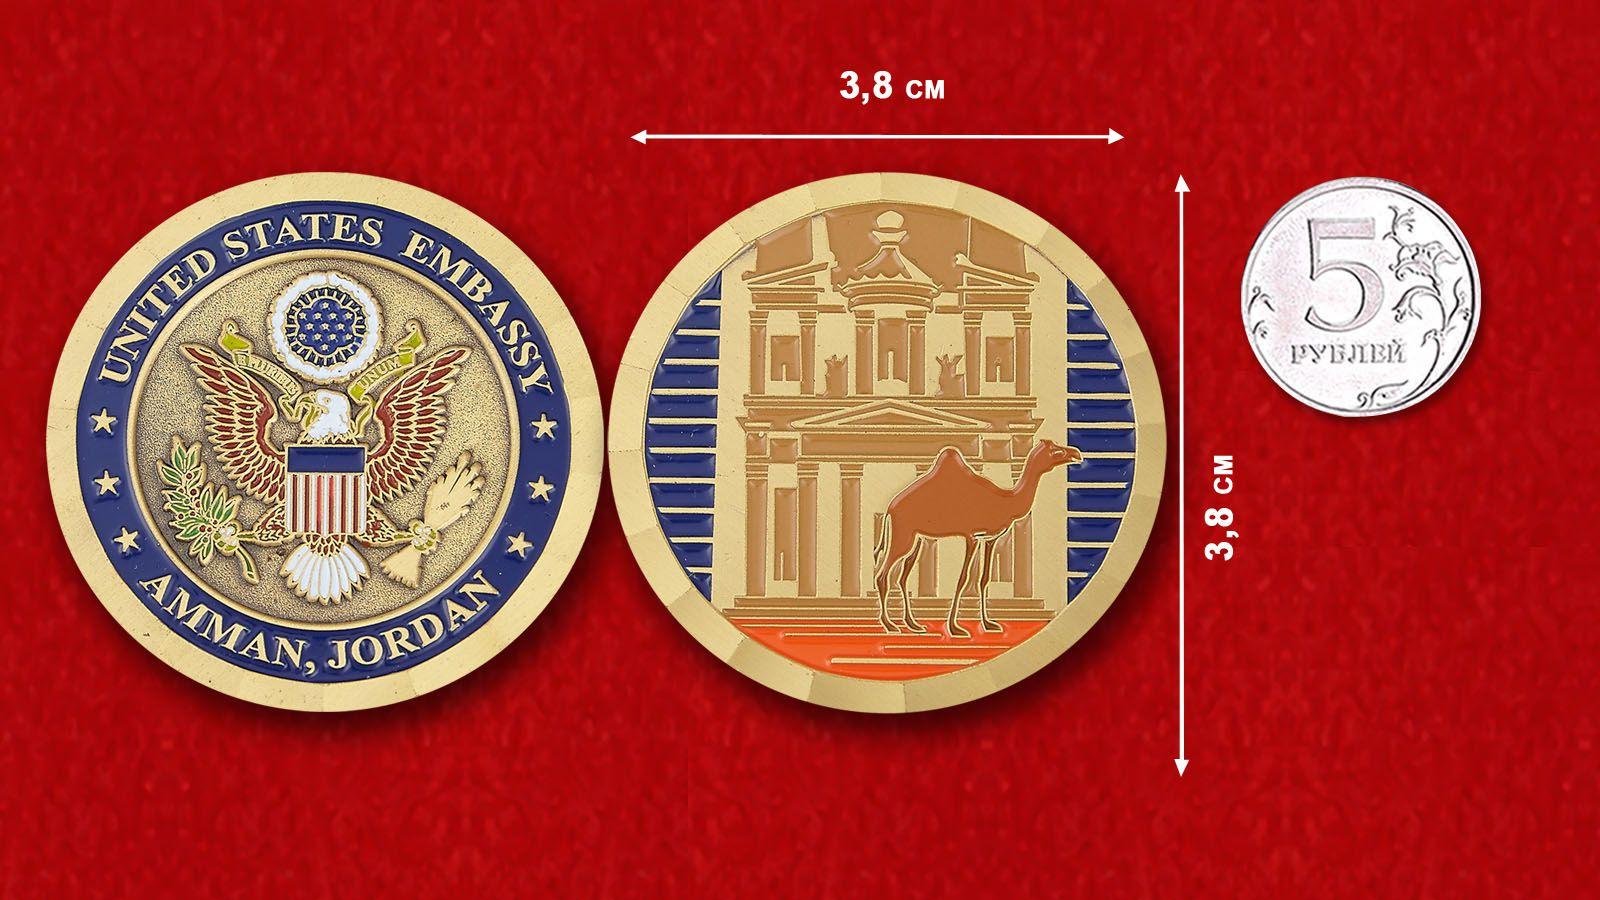 Челлендж коин Посольства США в Аммане - сравнительный размер